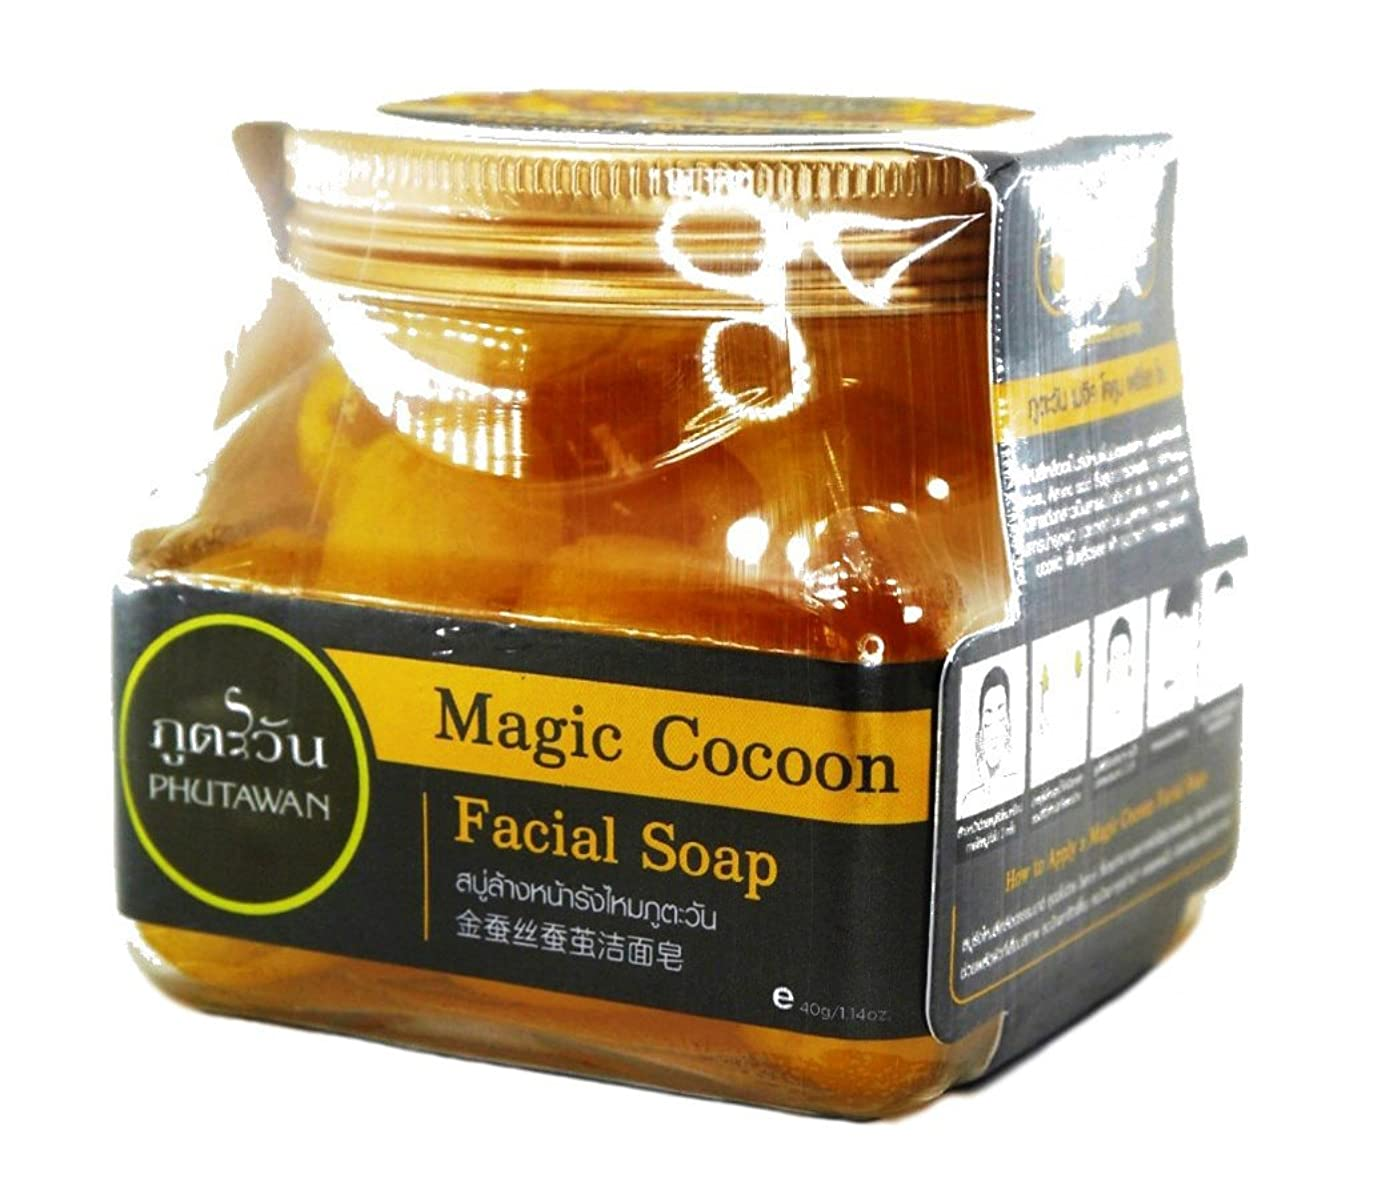 資源集中的な極地黄金まゆ玉石けんMagic Cocoon Fagic Soap シルク繭のフェイシャルスクラブ 30個入